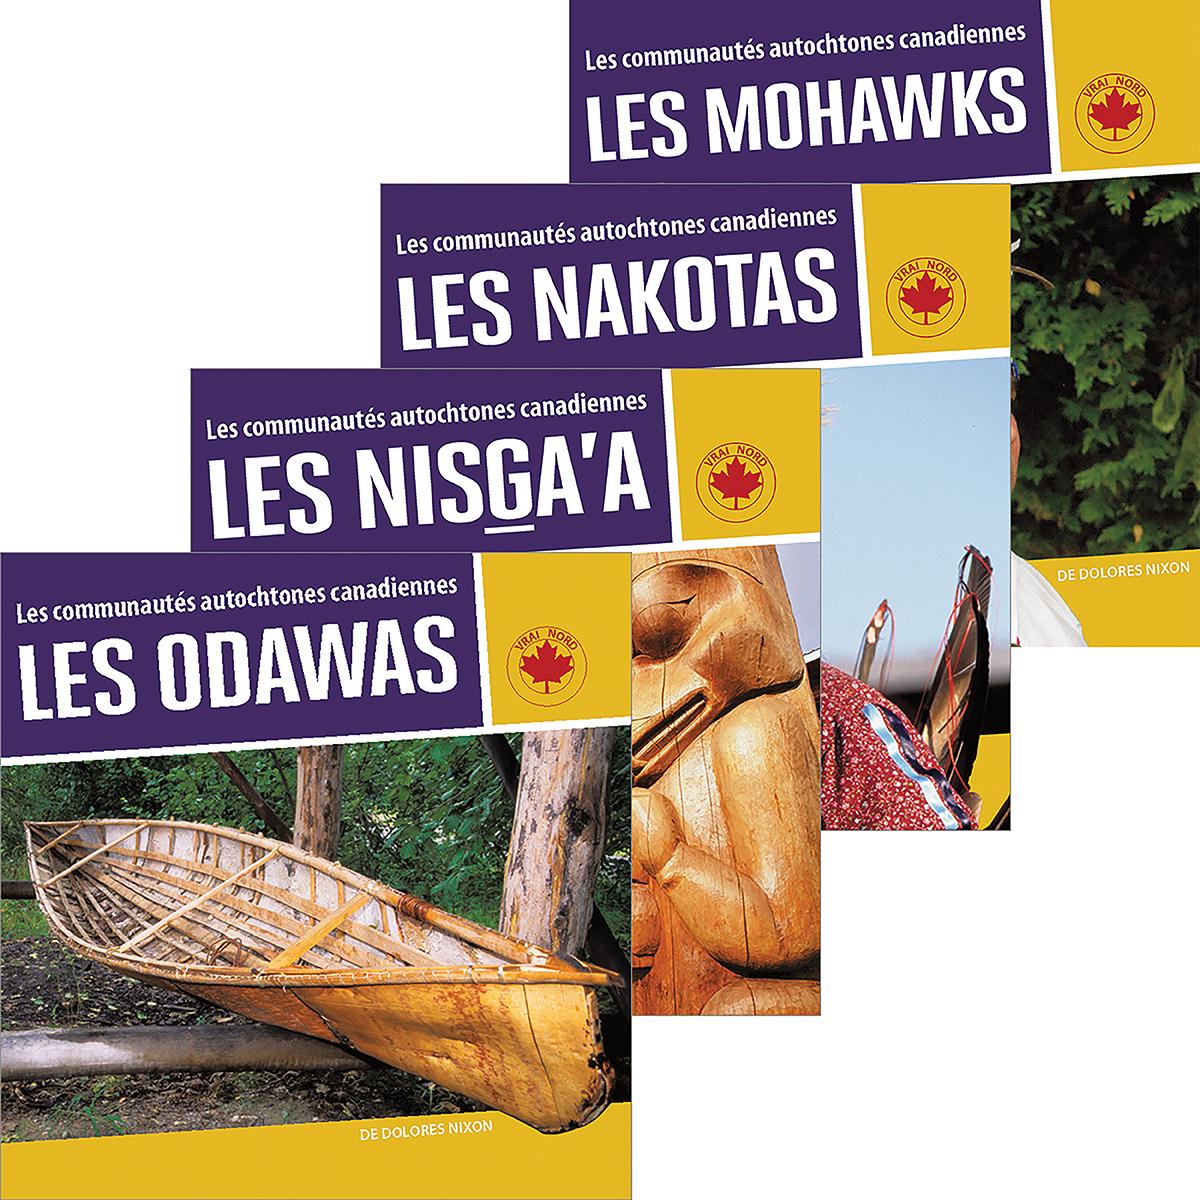 Les communautés autochtones canadiennes 2 (6)